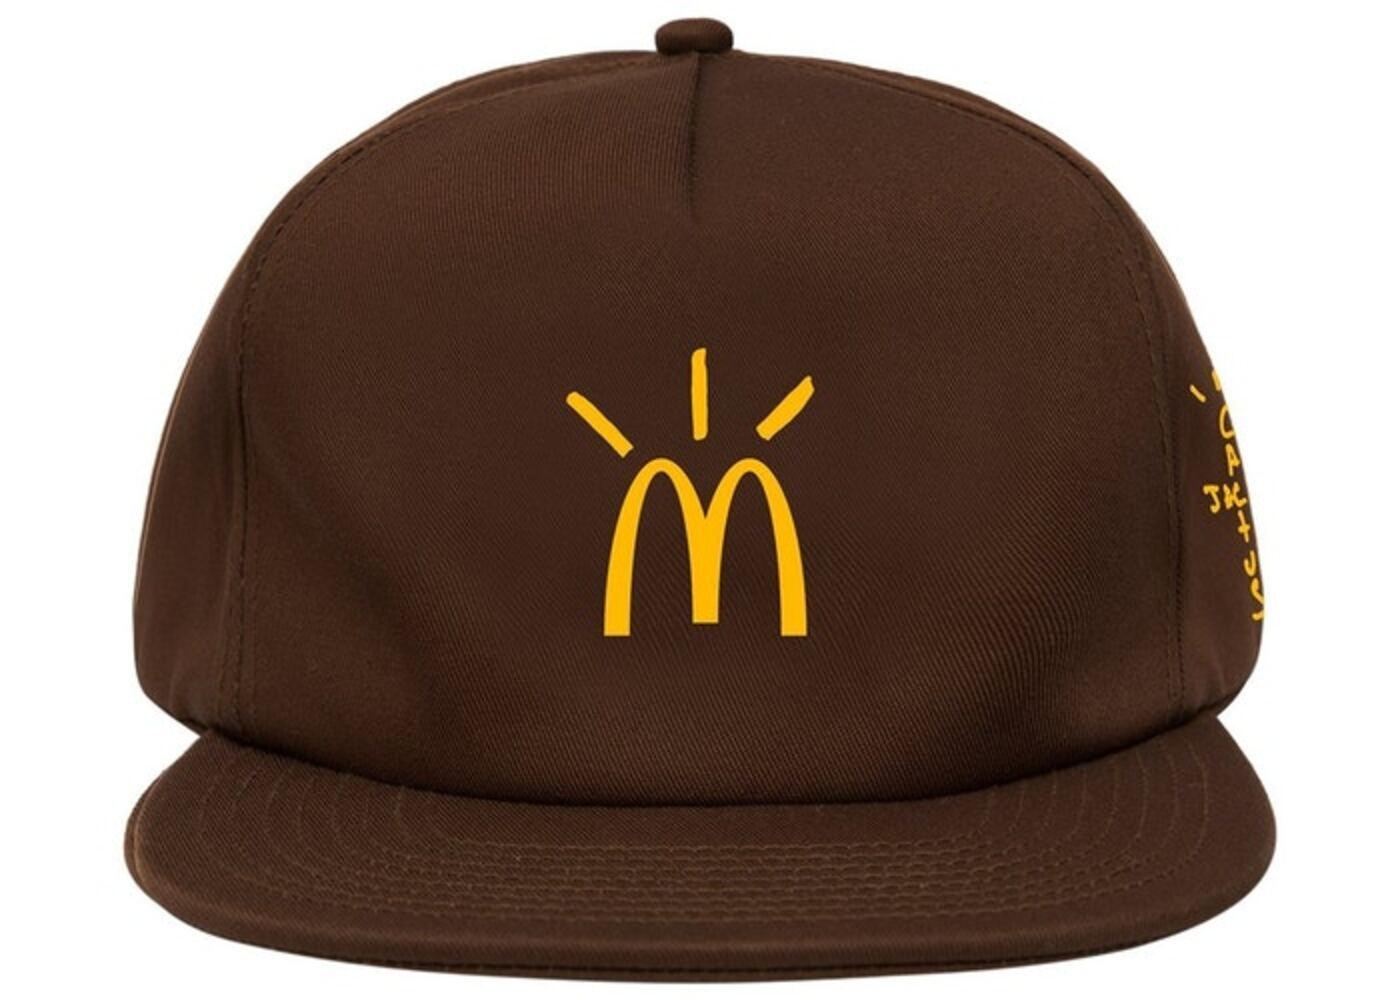 Travis Scott x McDonald's Cactus Arches Hat Brownの写真